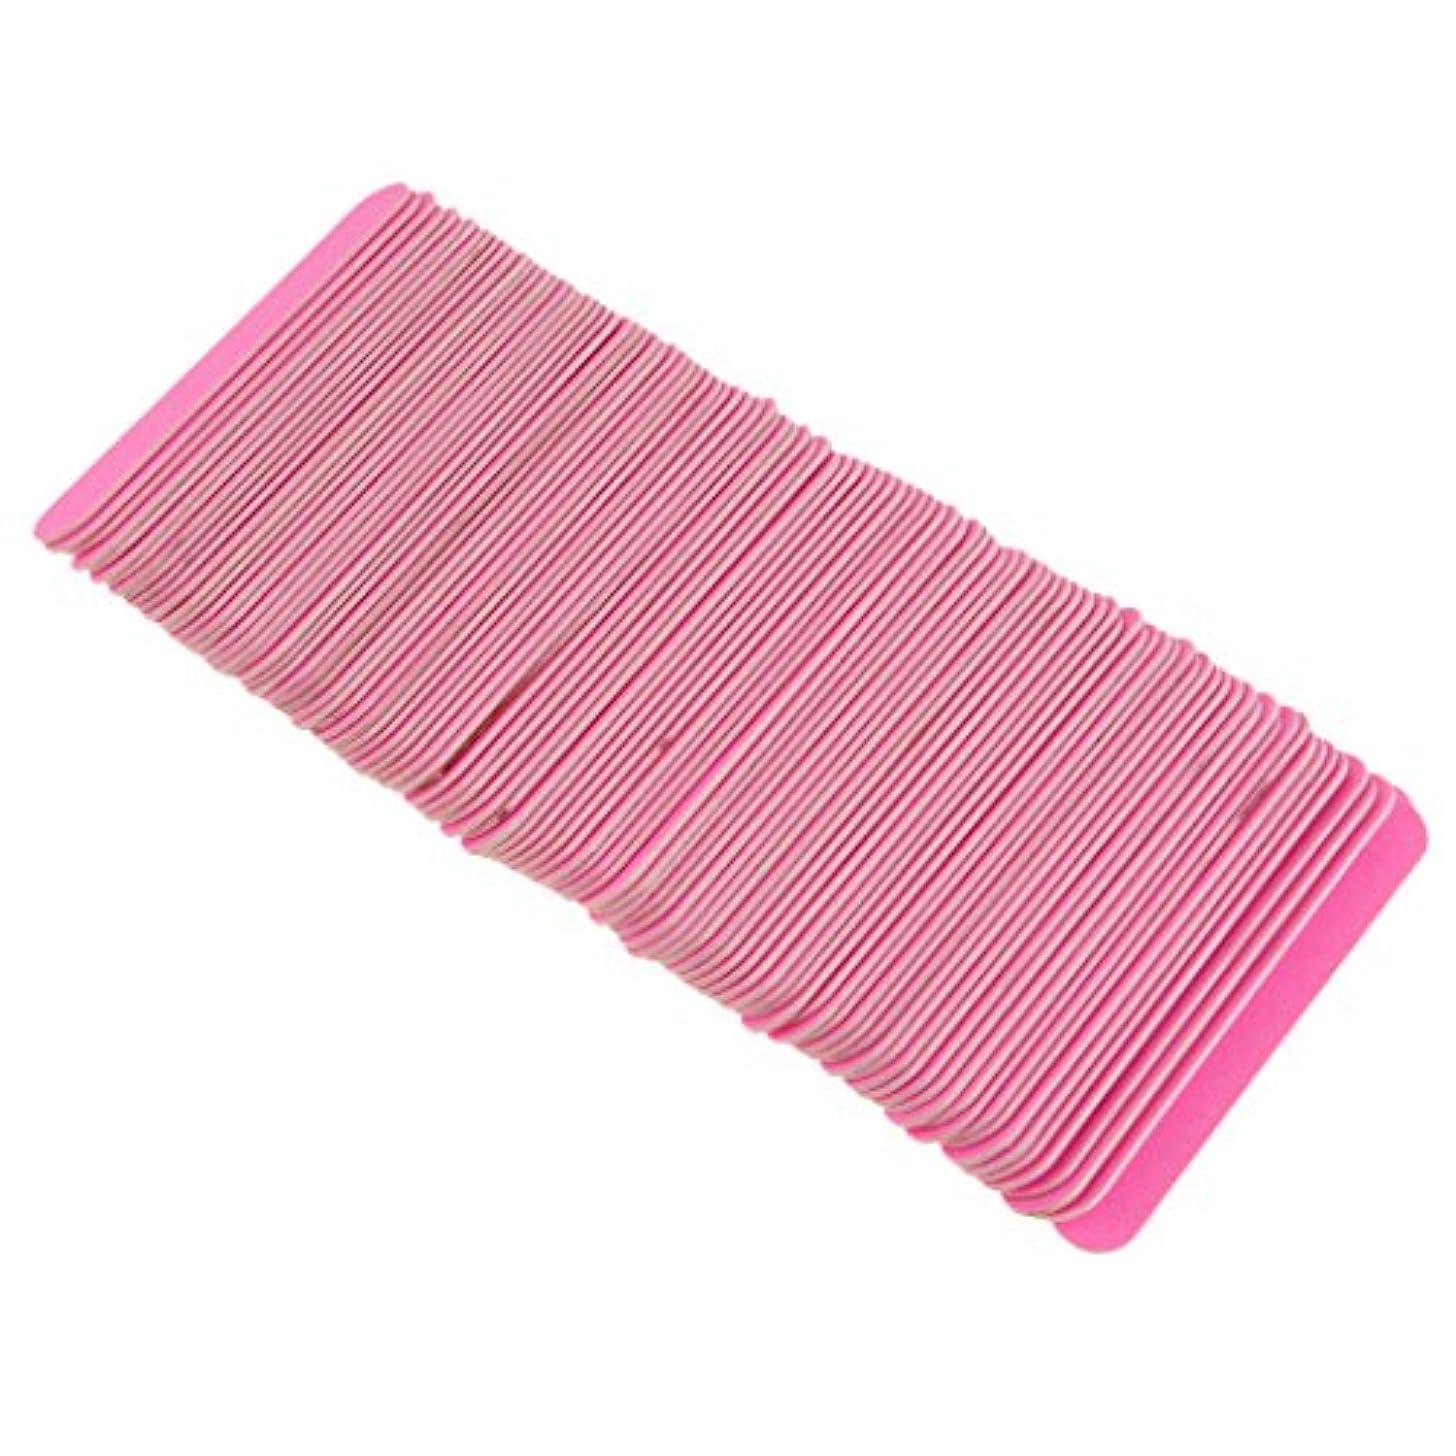 寛大な行うマーティンルーサーキングジュニアToygogo ネイルファイル 爪やすり 爪磨き ネイルバッファー 爪ファイル ネイルサロン 約100個セット